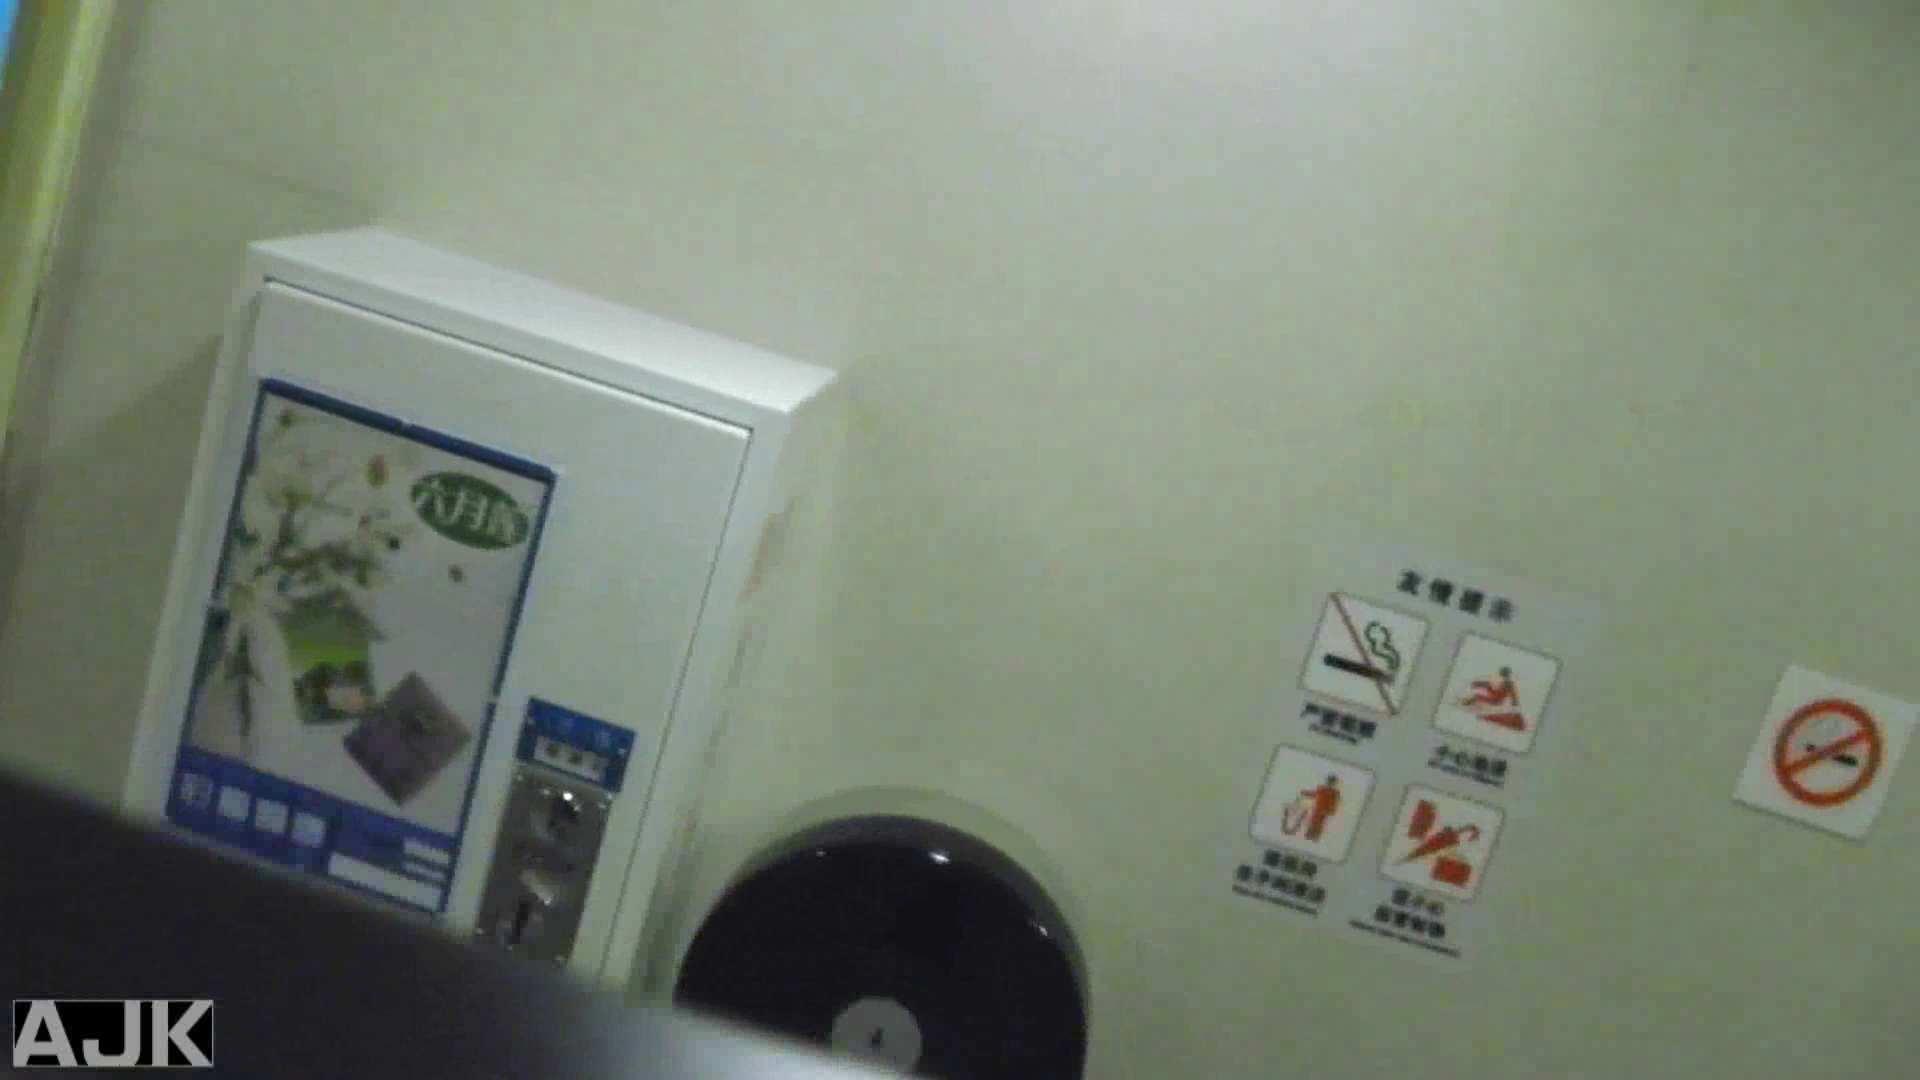 隣国上階級エリアの令嬢たちが集うデパートお手洗い Vol.11 お手洗い  67pic 11